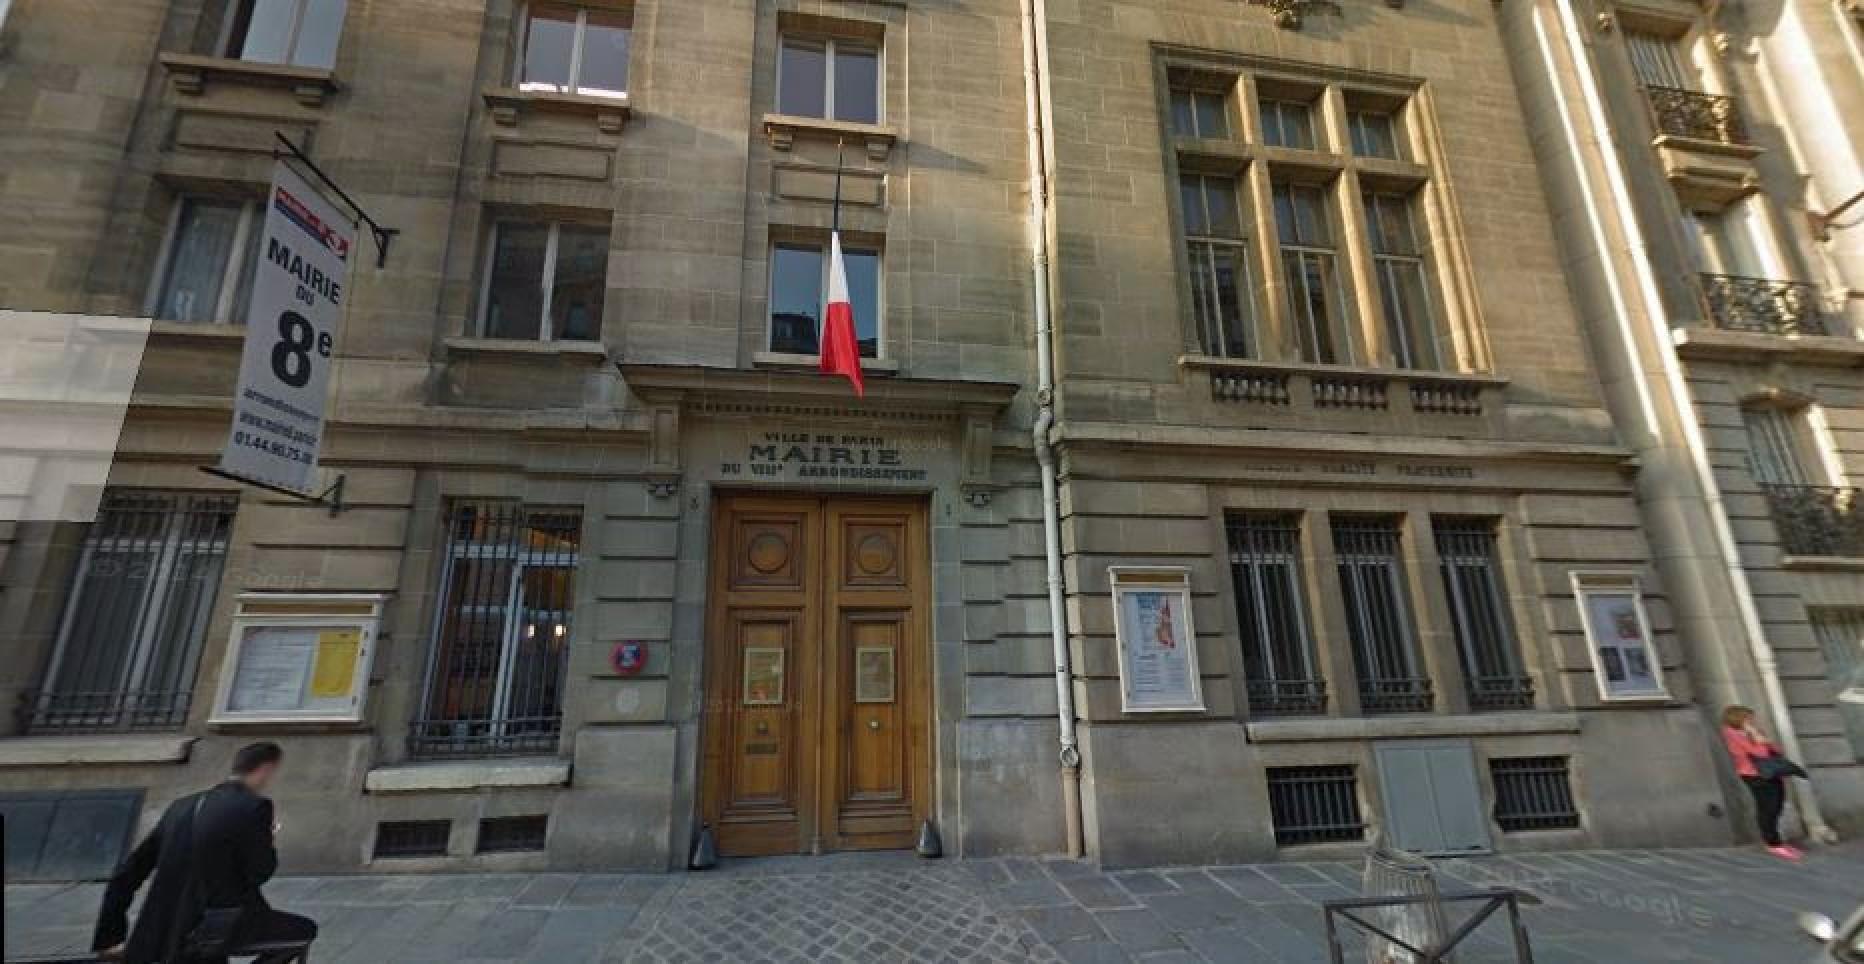 Mairie du 8ème arrondissement